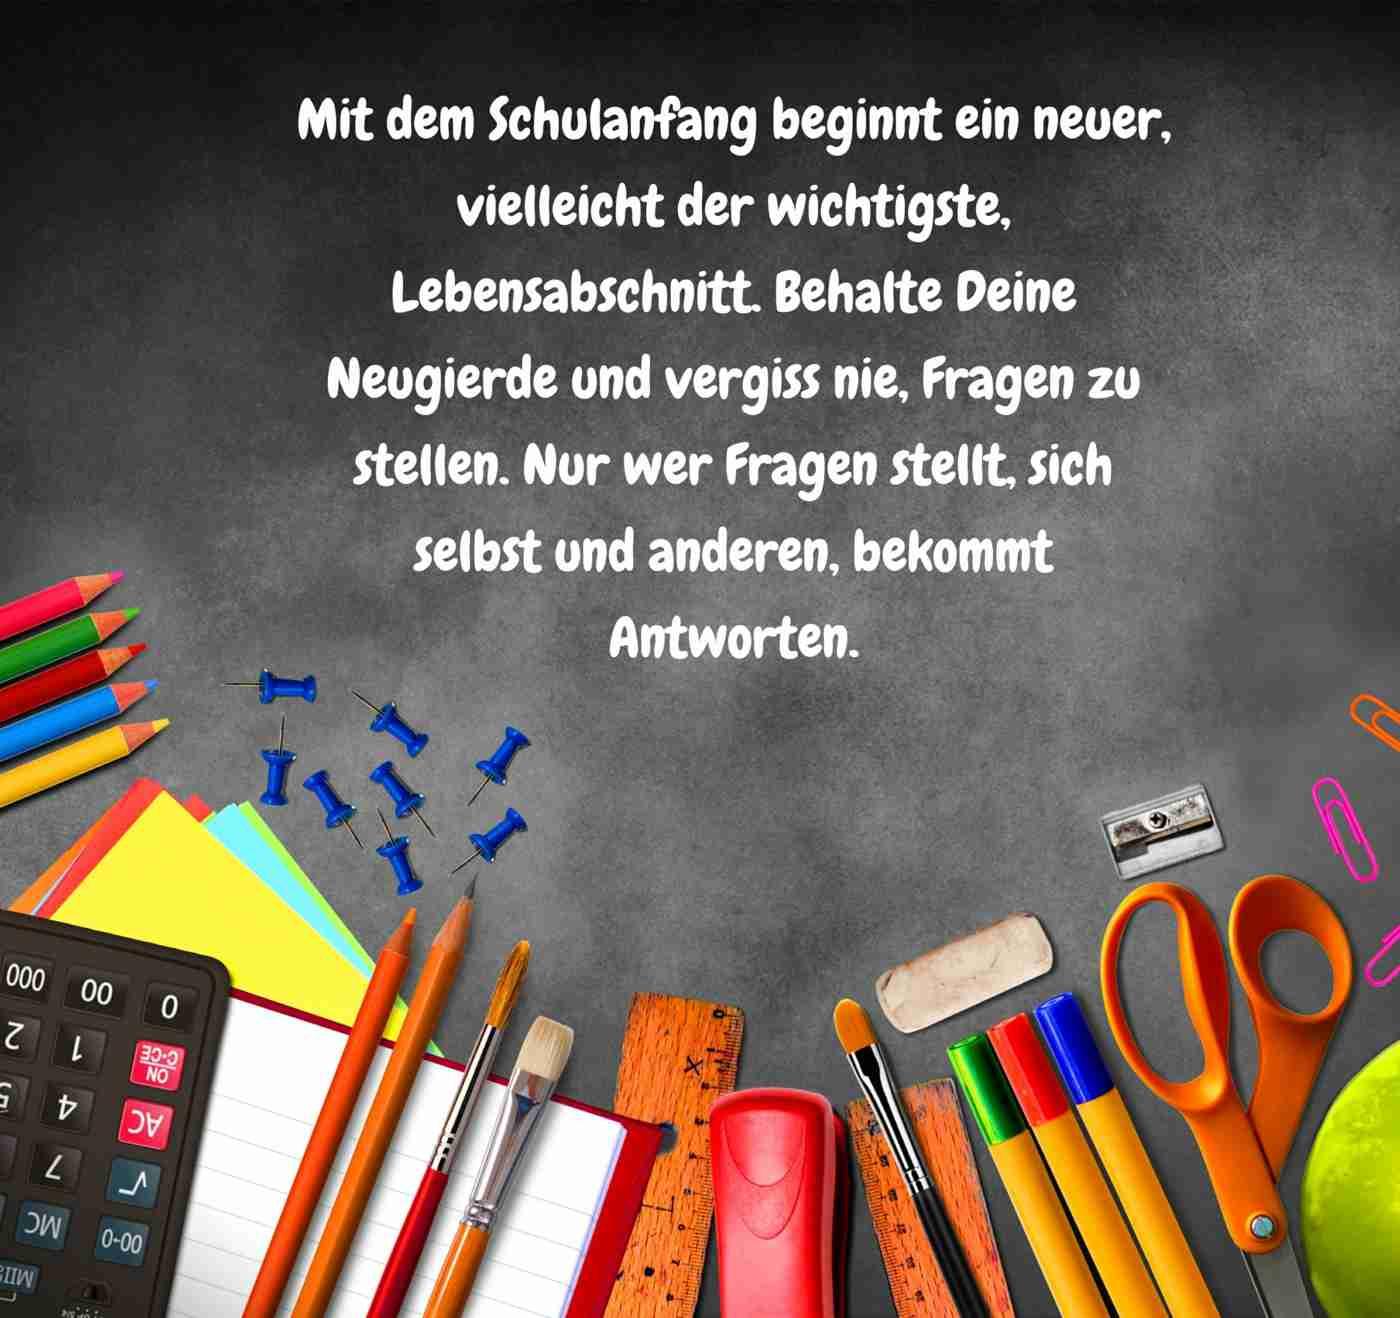 50 Glückwünsche Zur Einschulung Und Sprüche Zum Schulanfang für Wünsche Zur Einschulung Grundschule